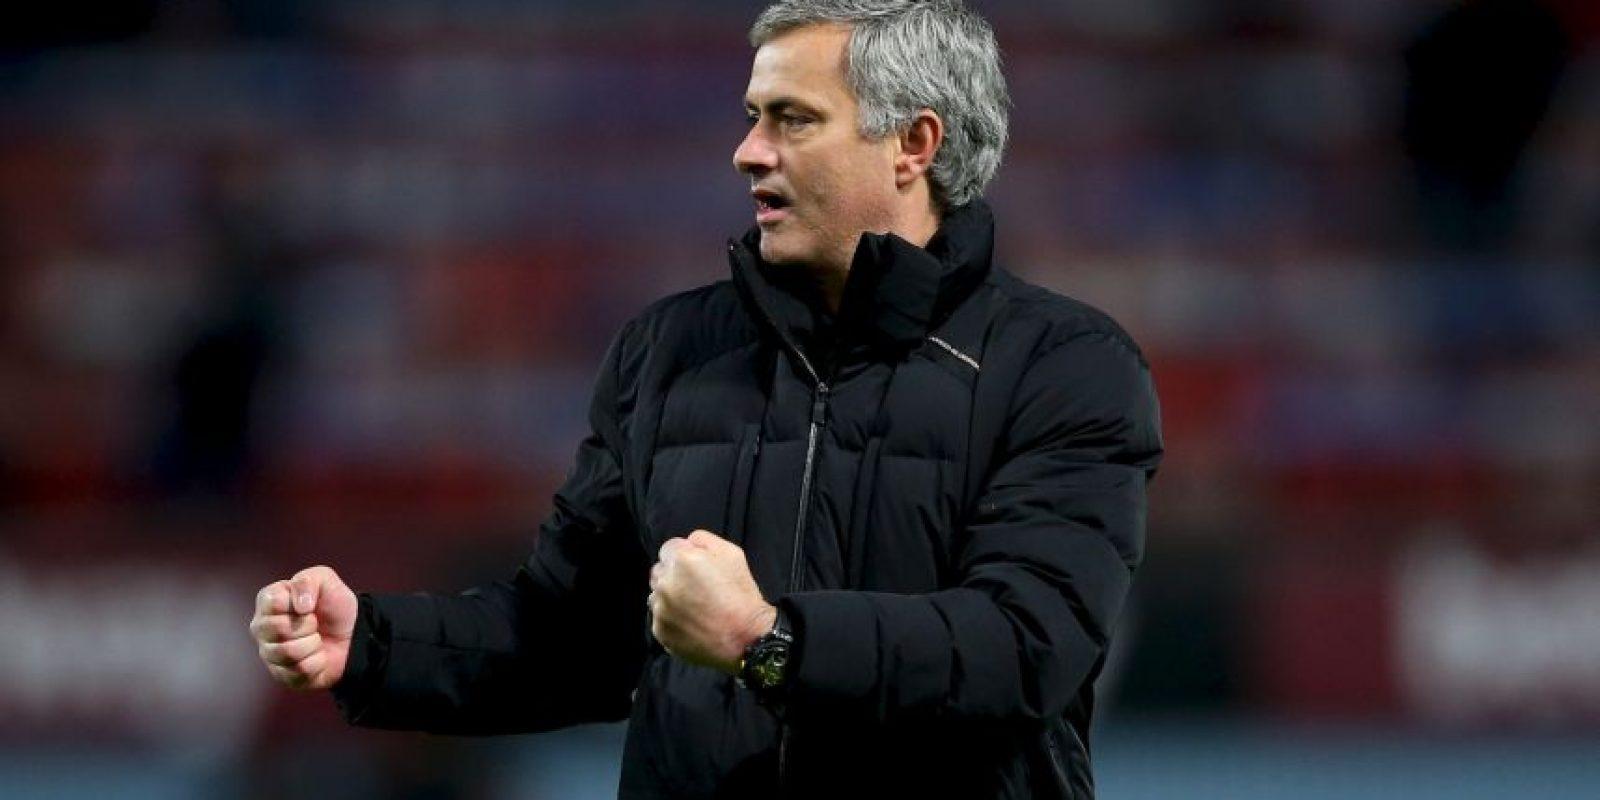 El entrenador portugués consiguió un doblete esta temporada: la Copa de la Liga y la Premier League en Inglaterra. Foto:Getty Images